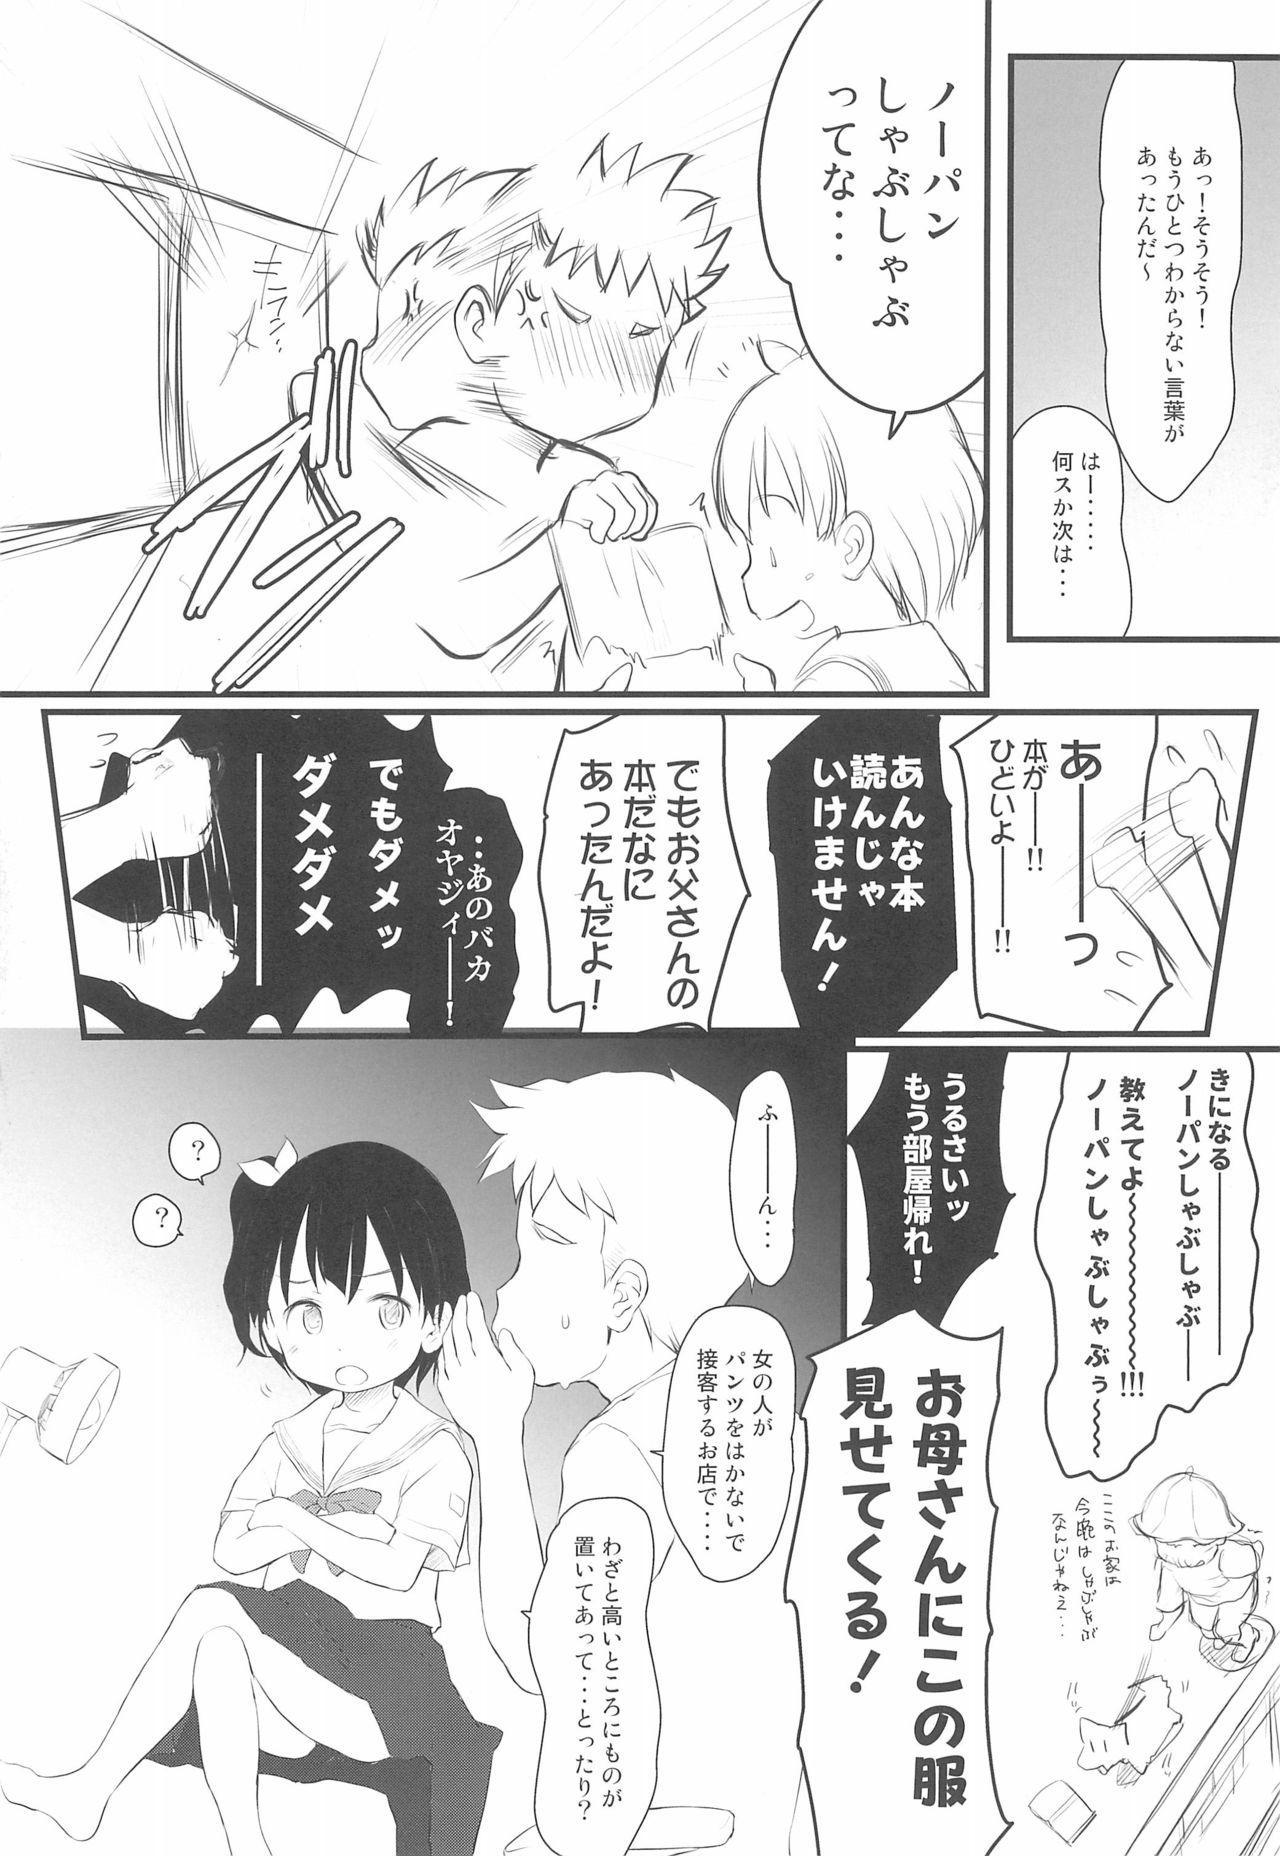 (C96) [Wancho-ke (Wancho)] Chisha-chan ni Shikarareru! Imouto wa Minna Onii-chan ga Daisuki! 5.55 7